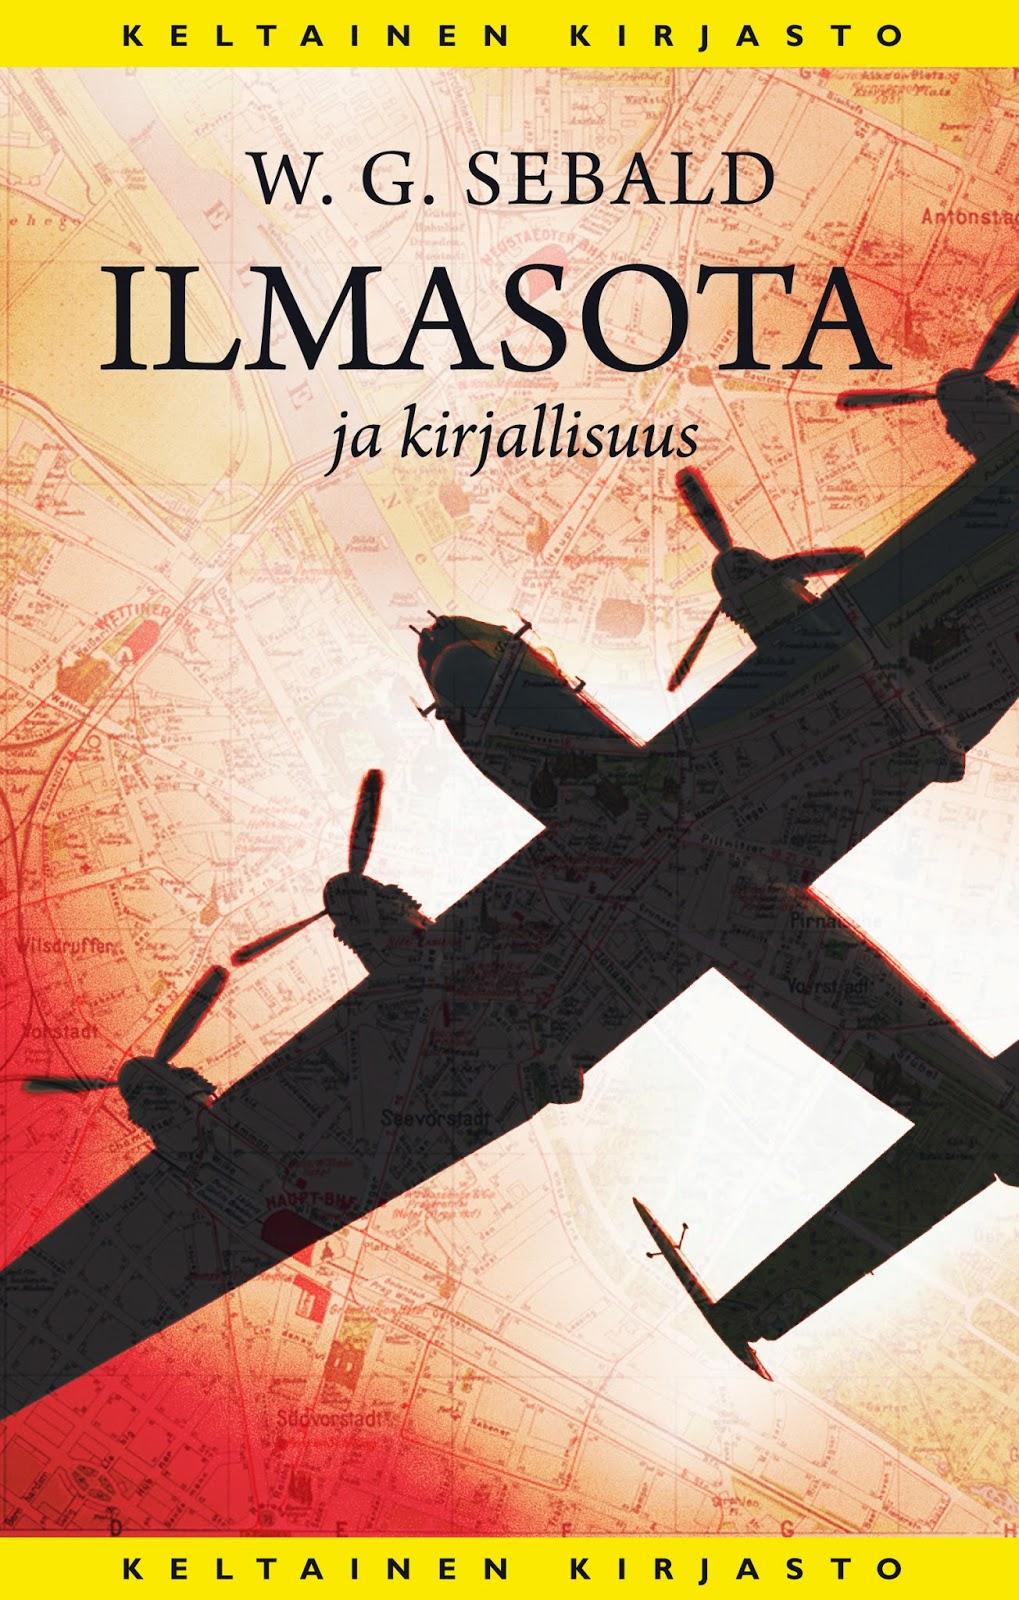 W.G. Sebald. Ilmasota ja kirjallisuus. Suom. Oili Suominen. Tammi 2014, s. 155.